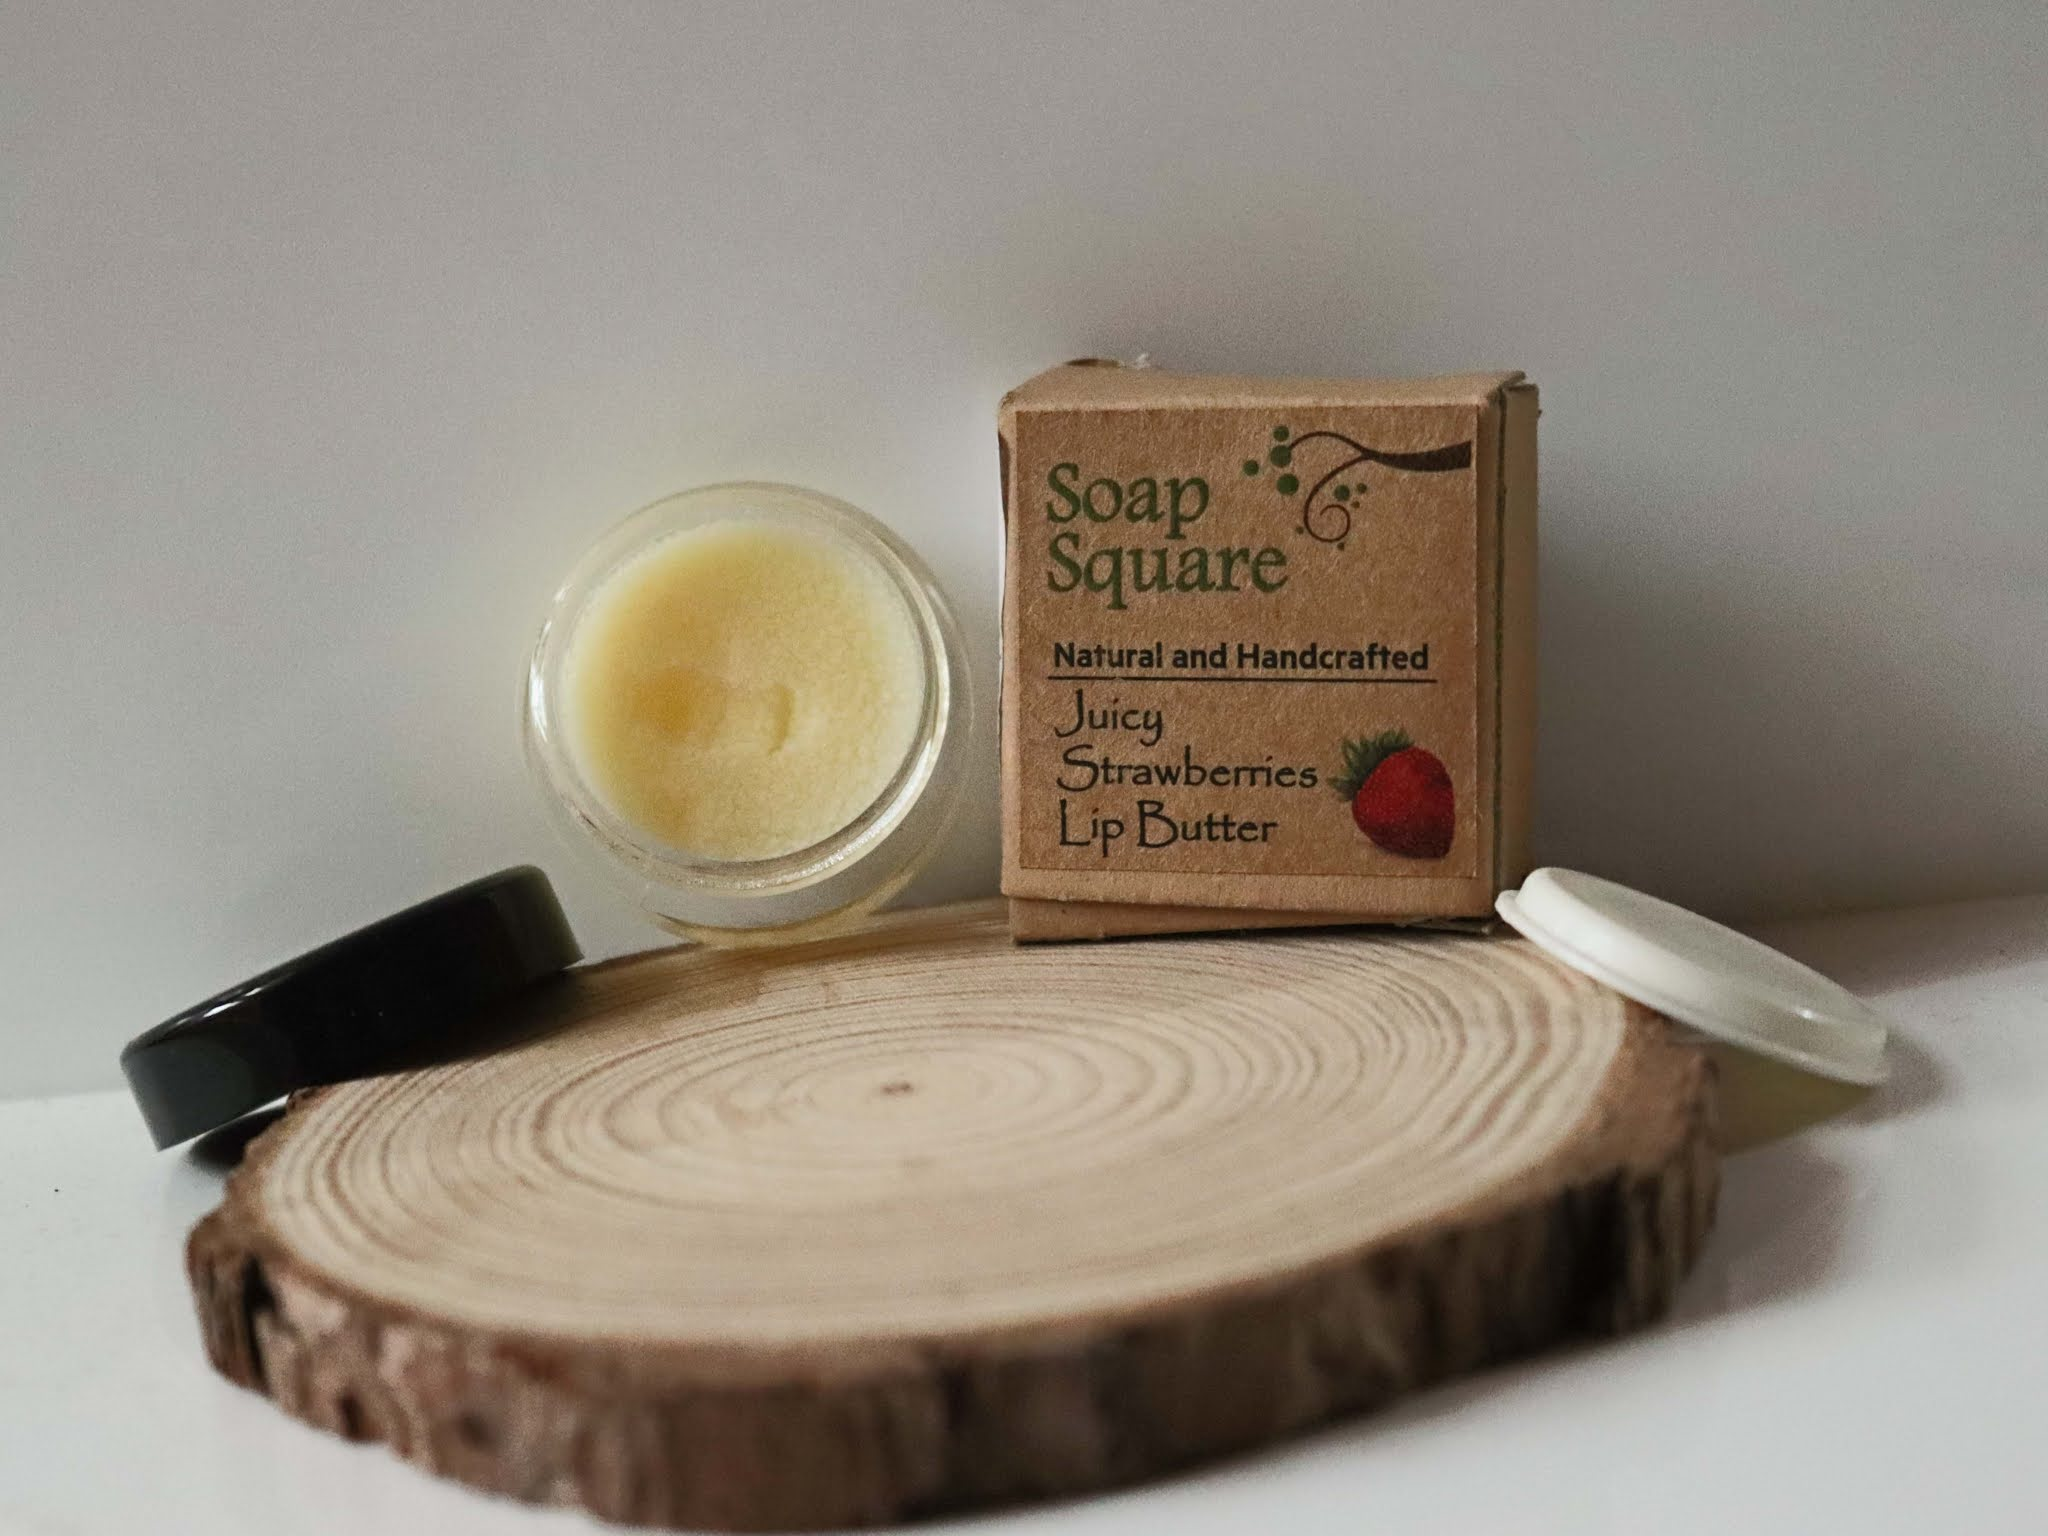 Soap Square Strawberry Lip Butter